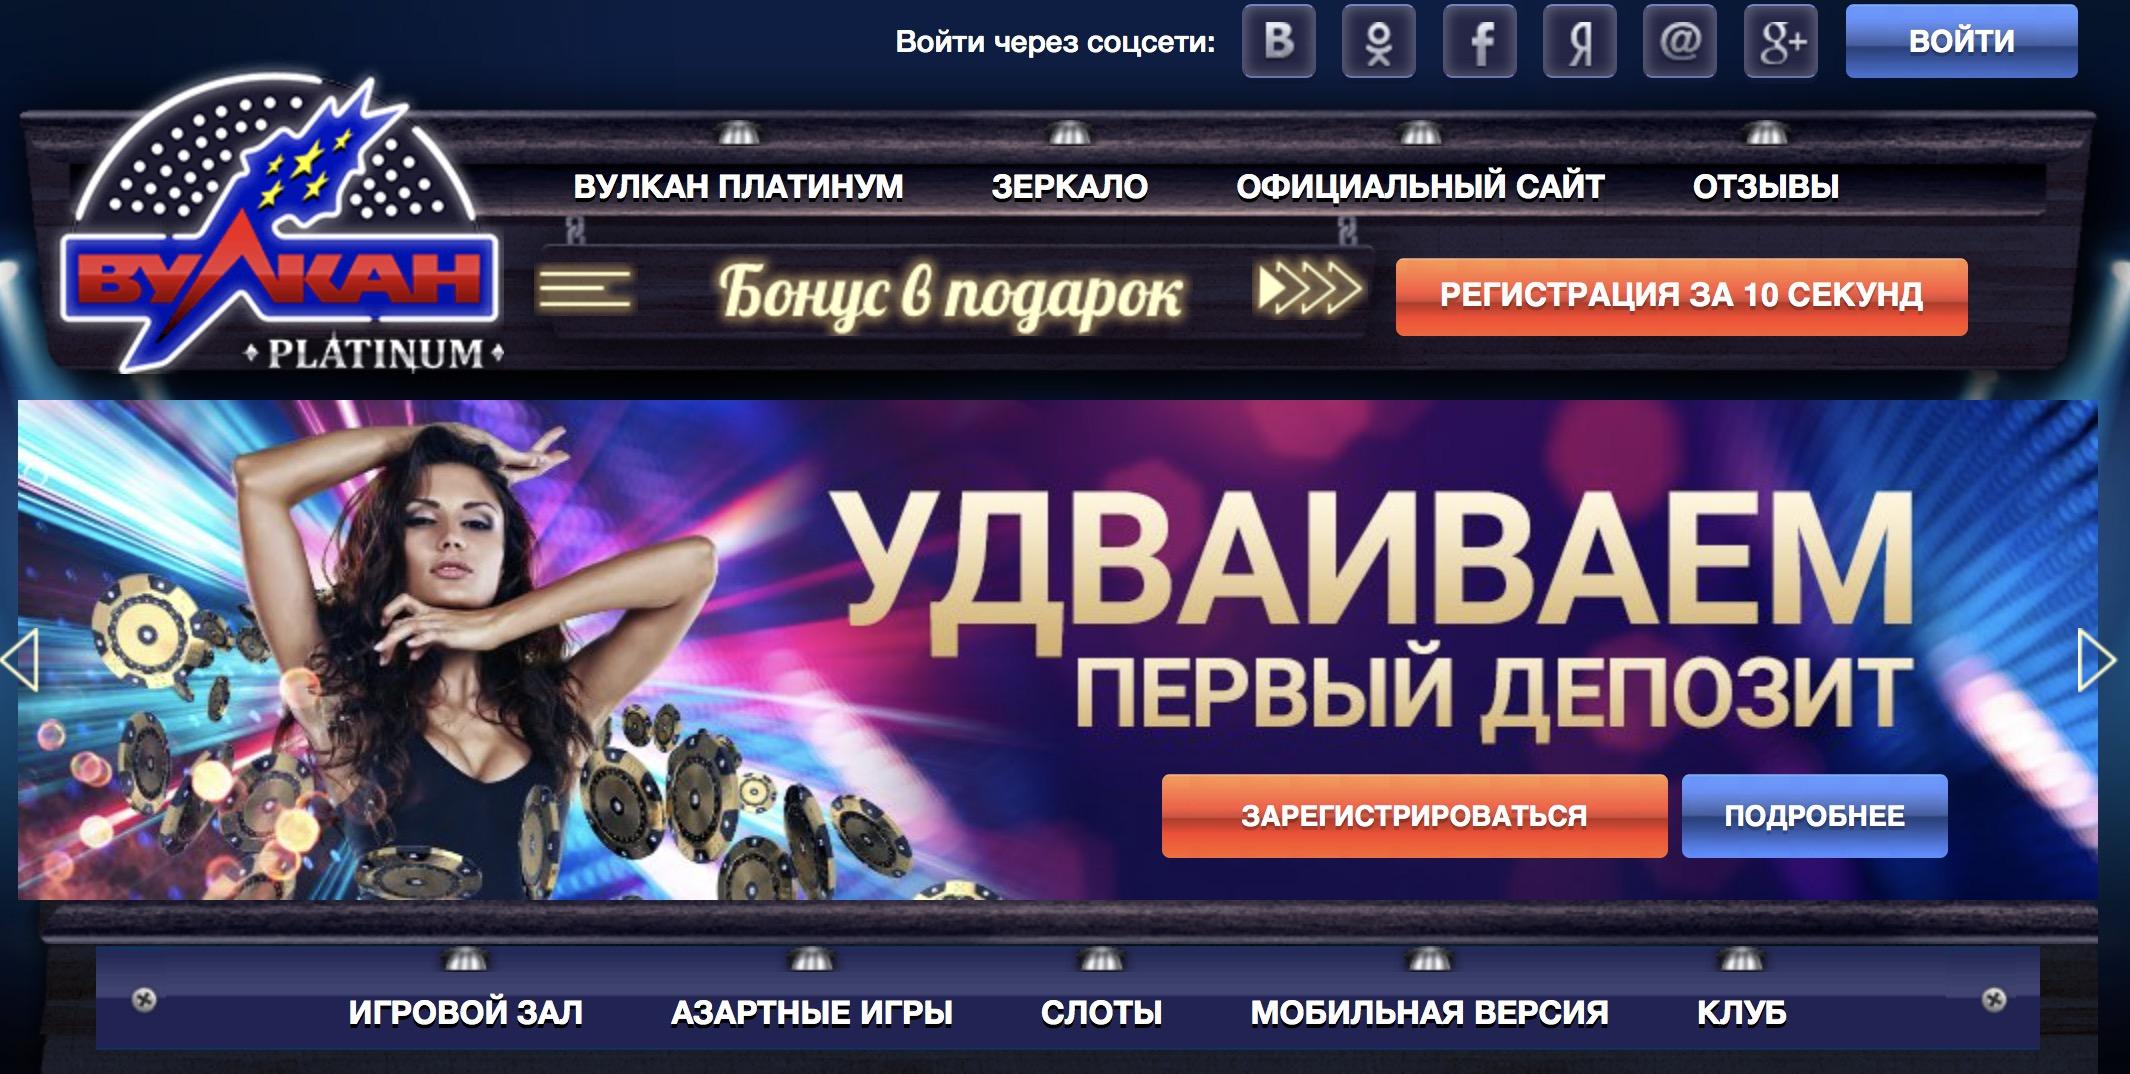 вулкан платинум казино официальный сайт личный